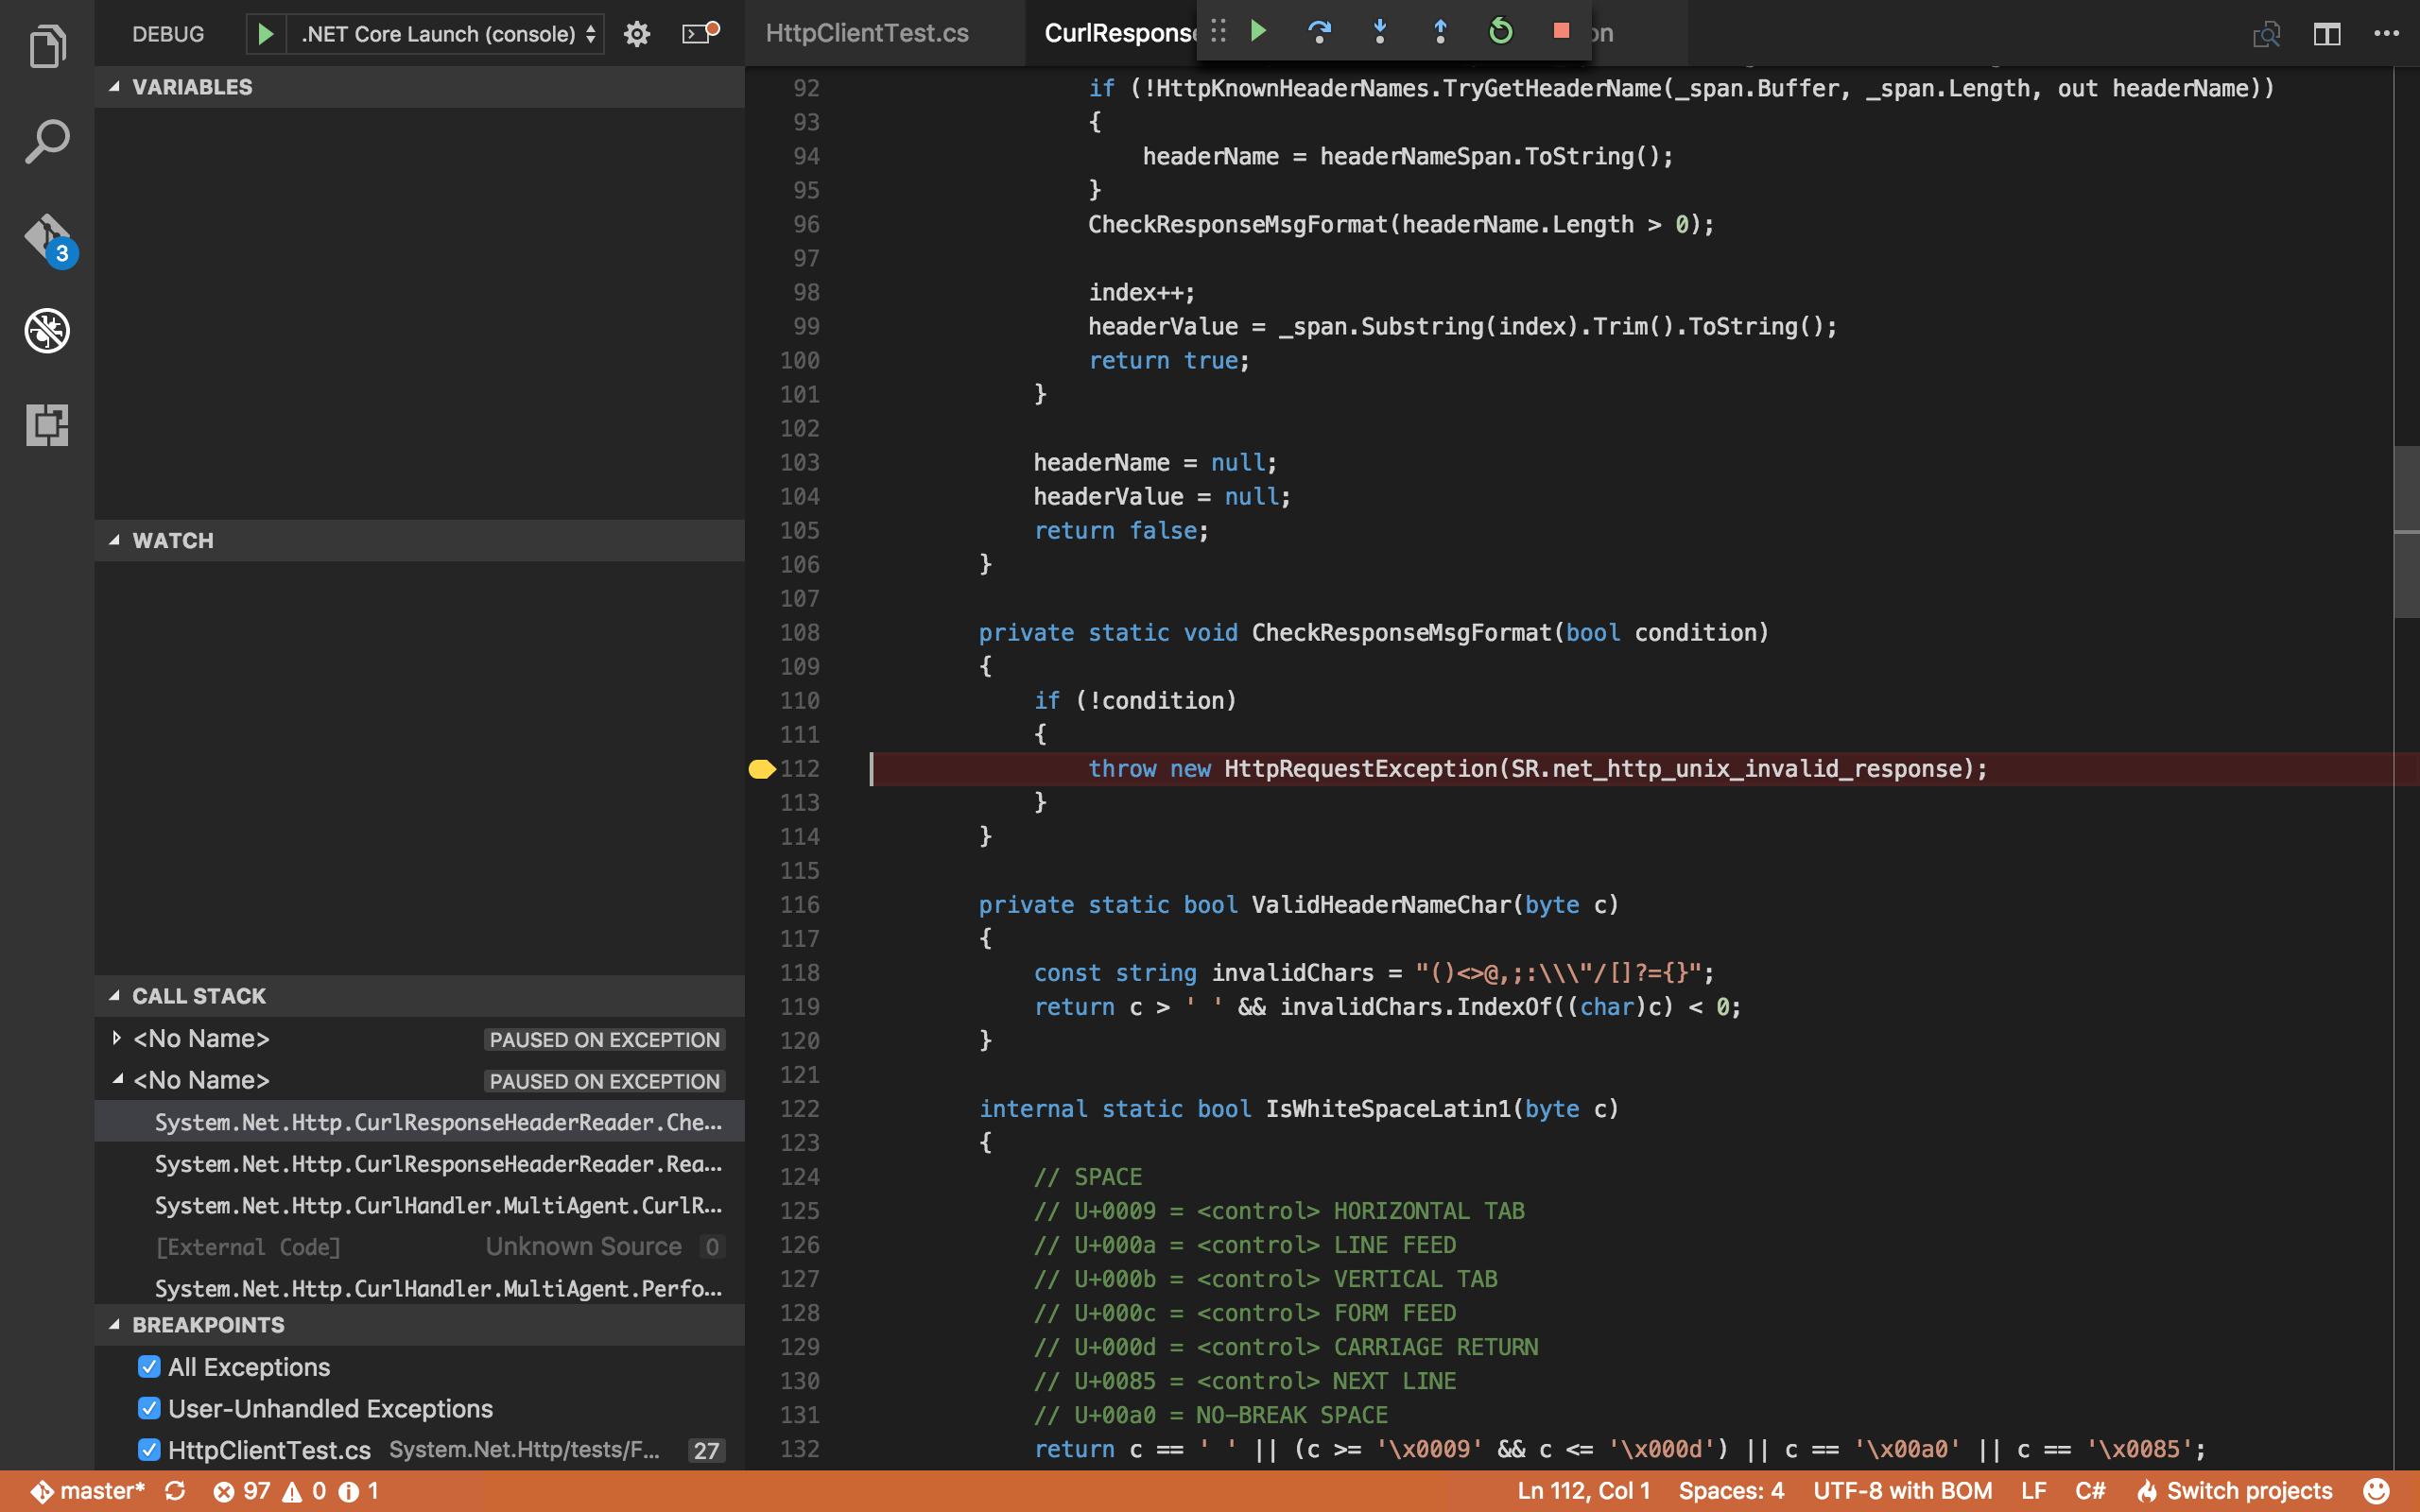 Visual Studio Code, debugging CurlResponseHeaderReader.CheckResponseMsgFormat